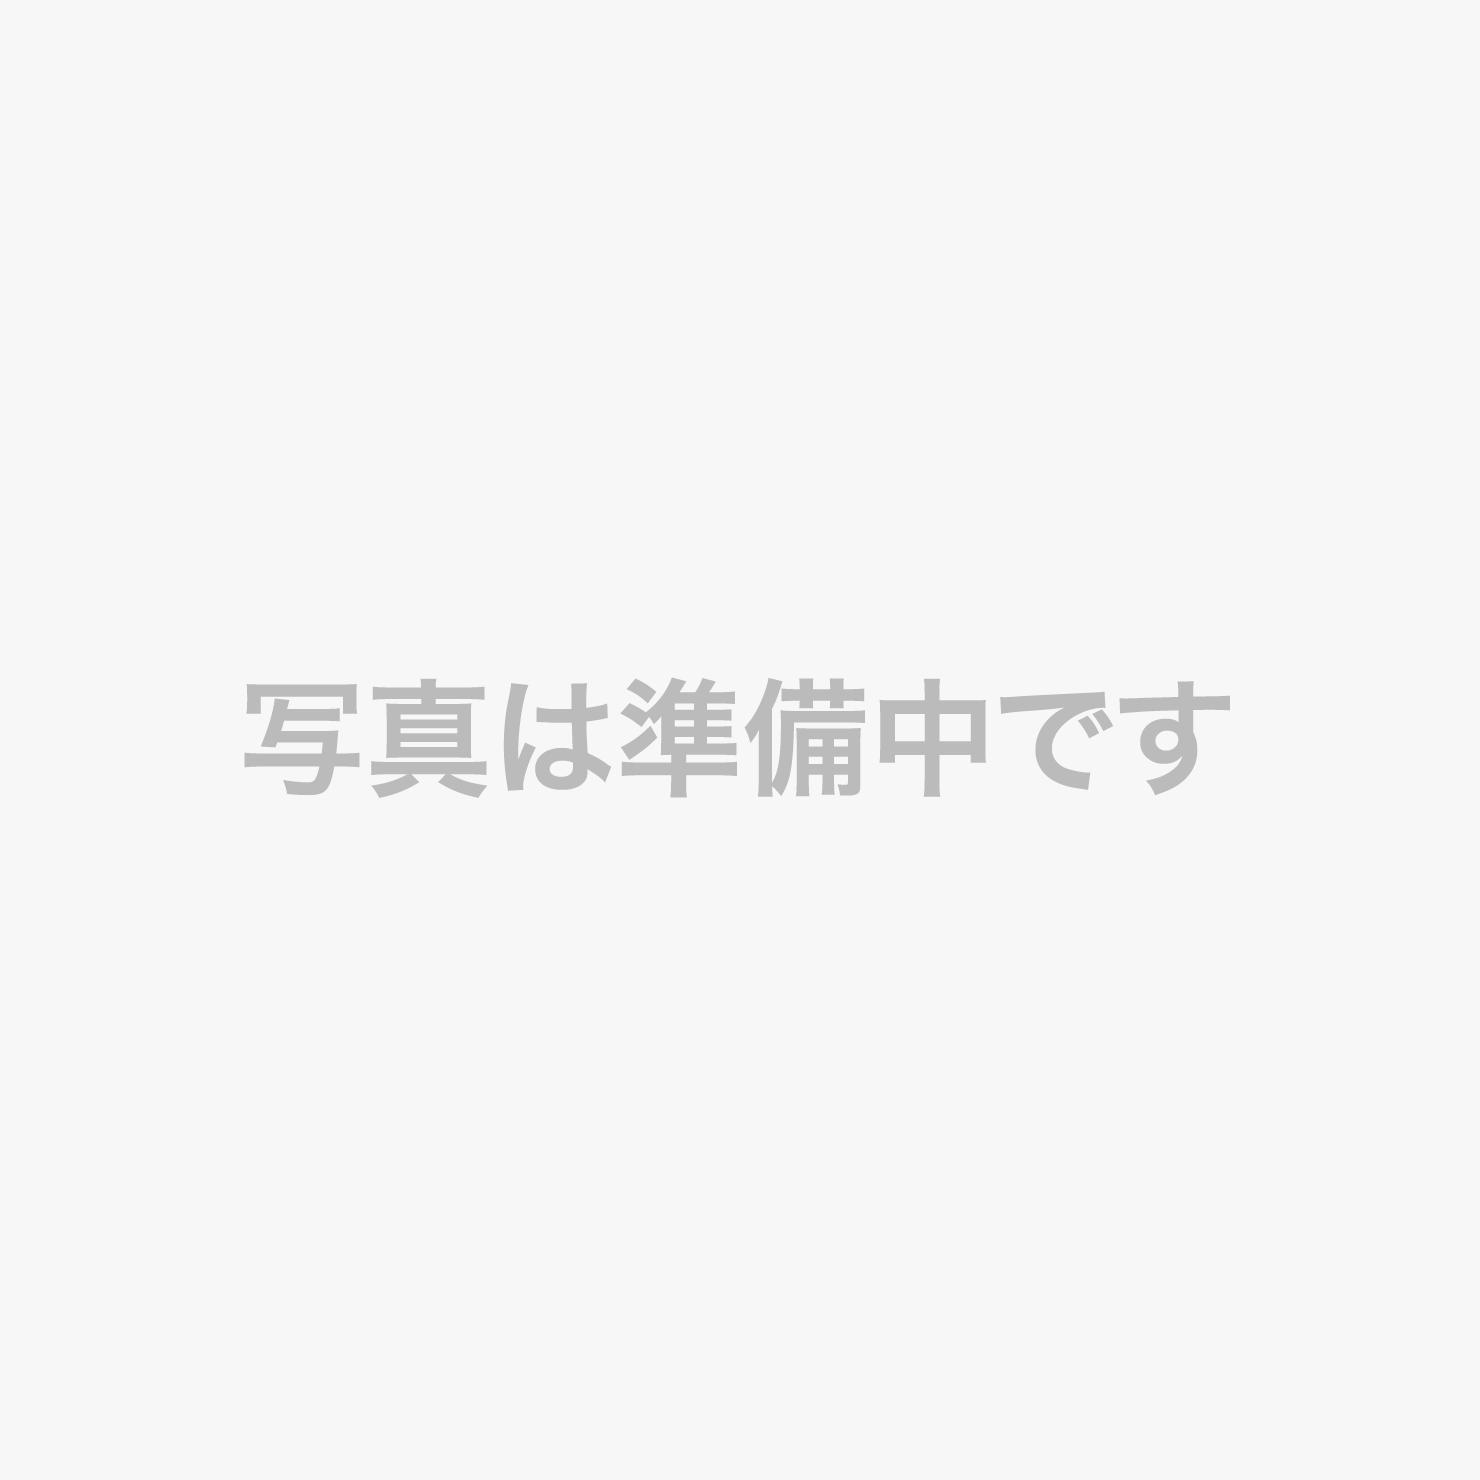 自動チェックイン機(・アプリチェックイン・クレジットカード支払い・スマホ決済サービス専用)